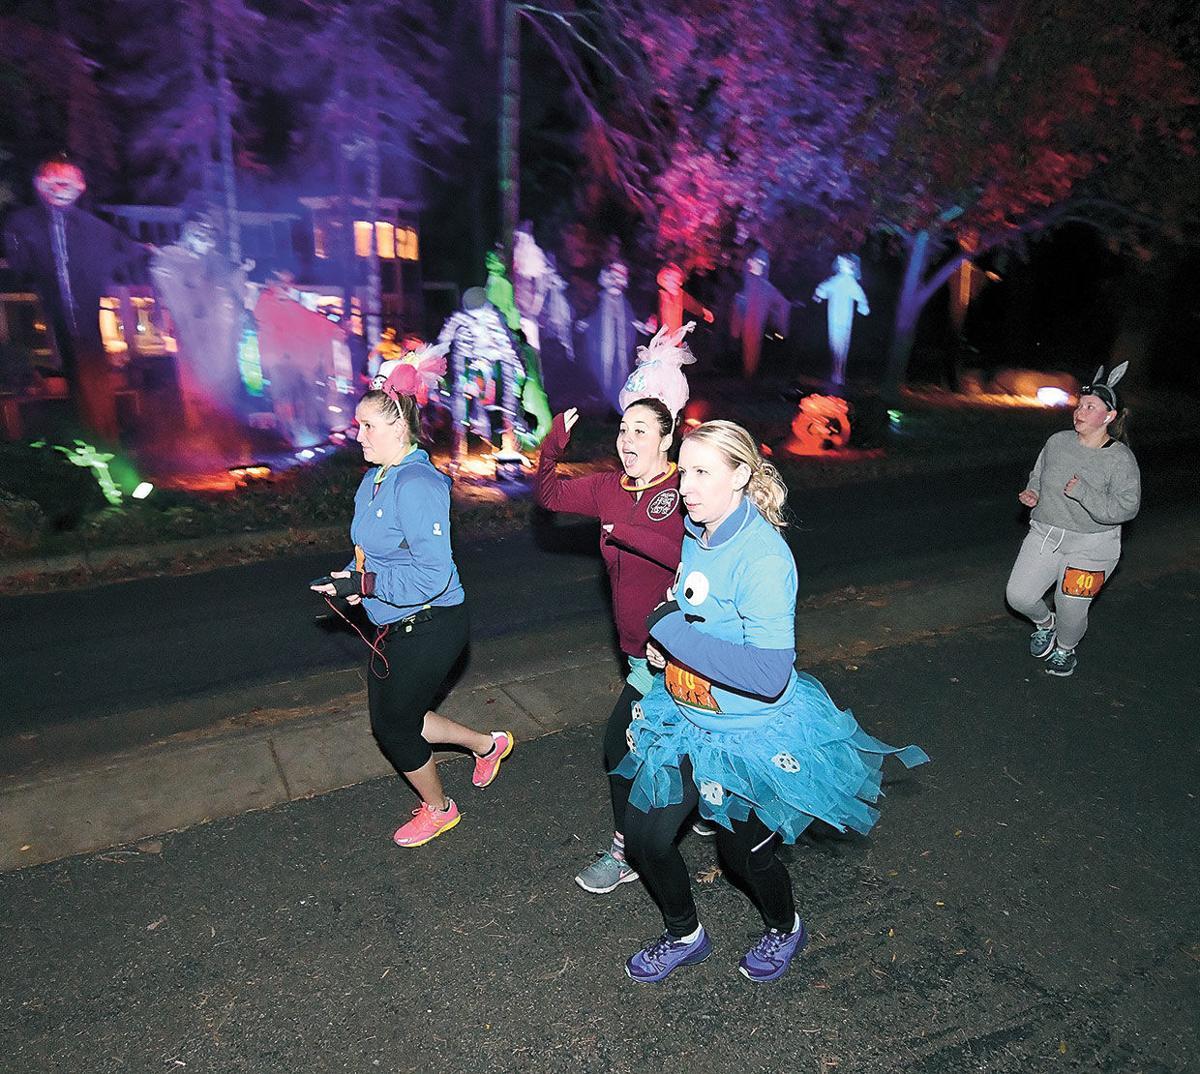 Scare-in-WB-Runners1.jpg